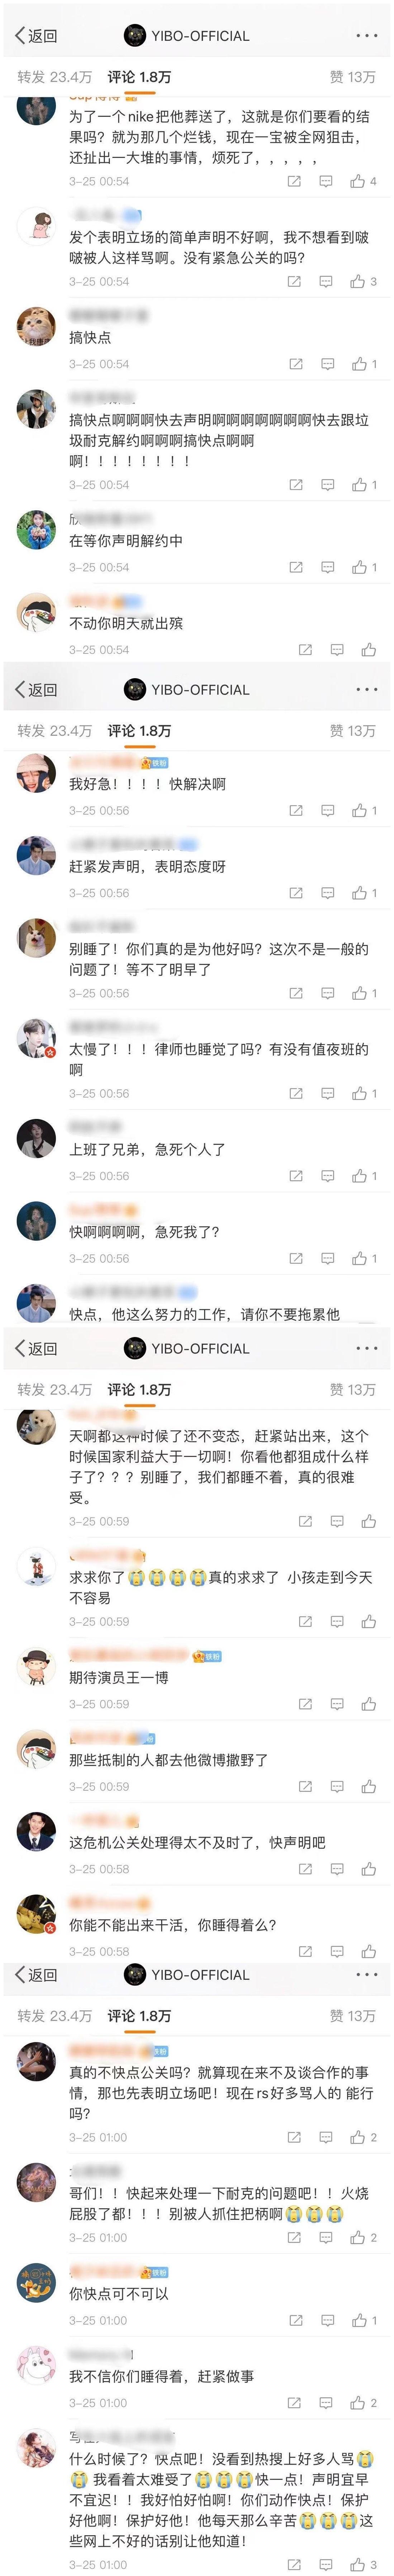 樂華娛樂宣佈王一博終止與耐克的一切合作!與黃軒、宋茜有何不同-圖6